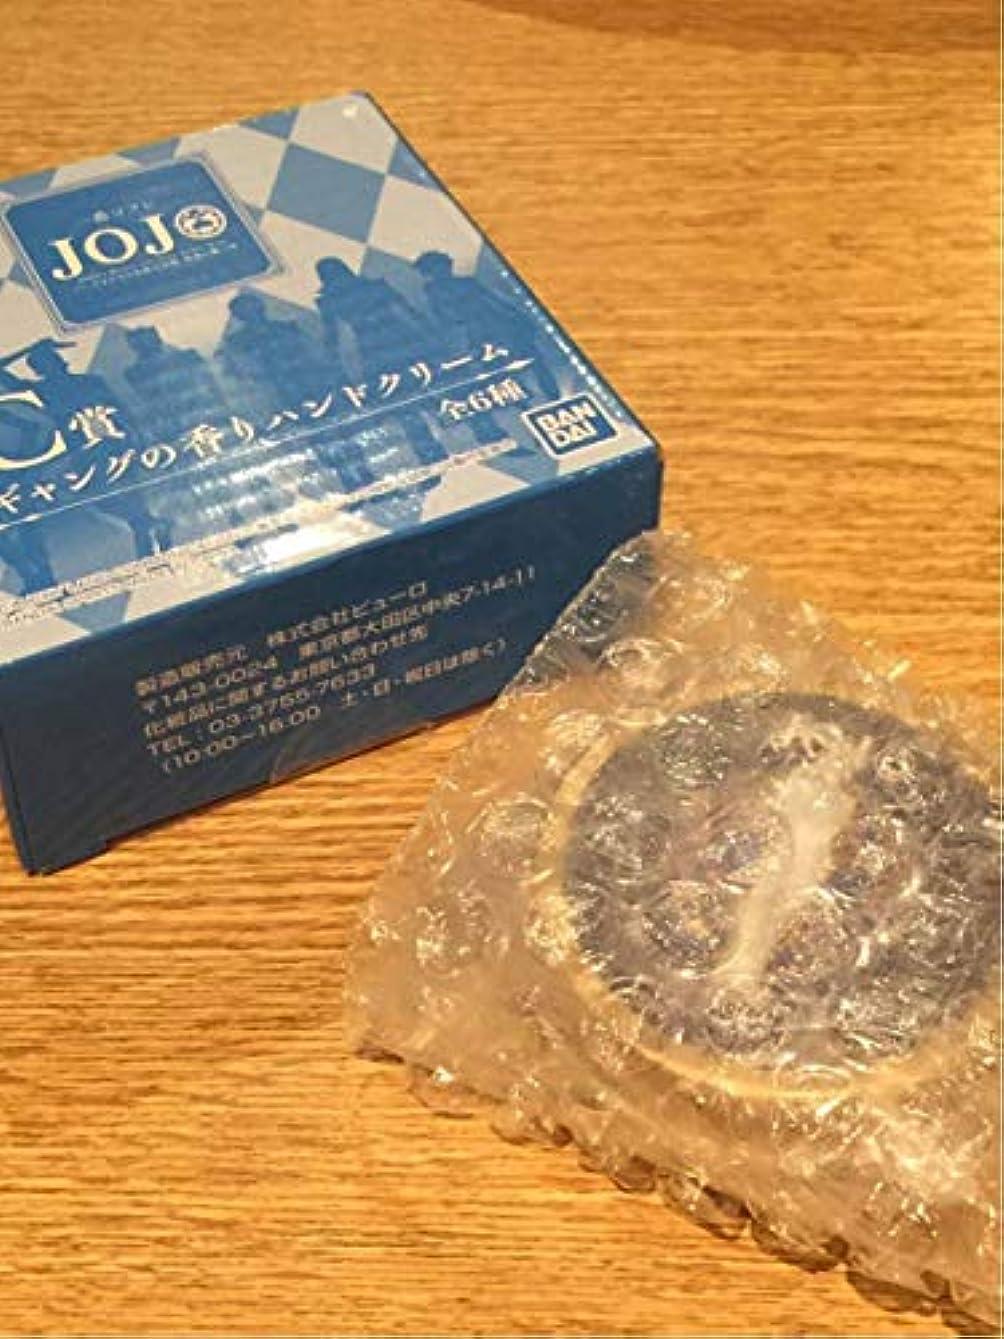 現代不従順ほめるブチャラティ ハンドクリーム ジョジョの奇妙な冒険 1番くじコフレC賞 ギャングの香り